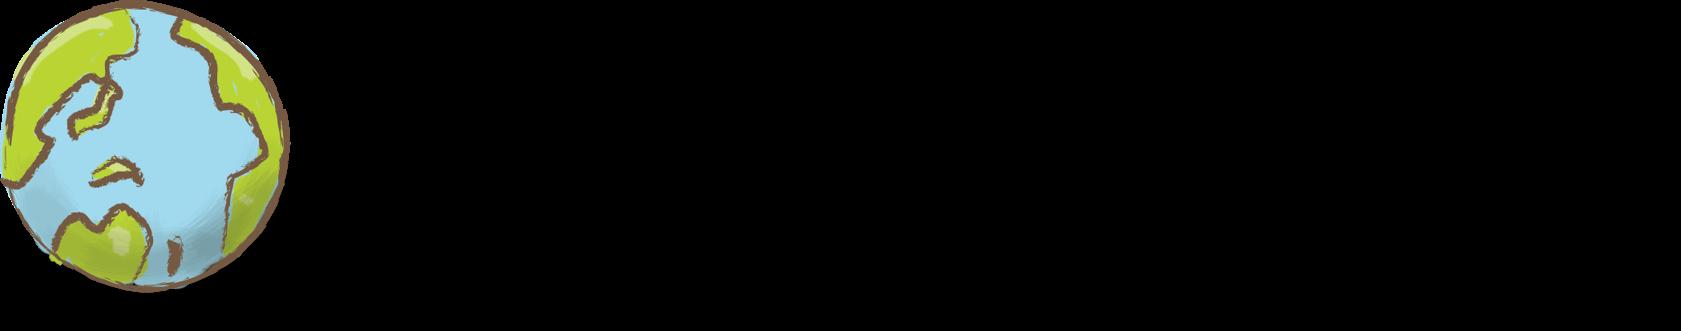 ブレイクボーダー株式会社